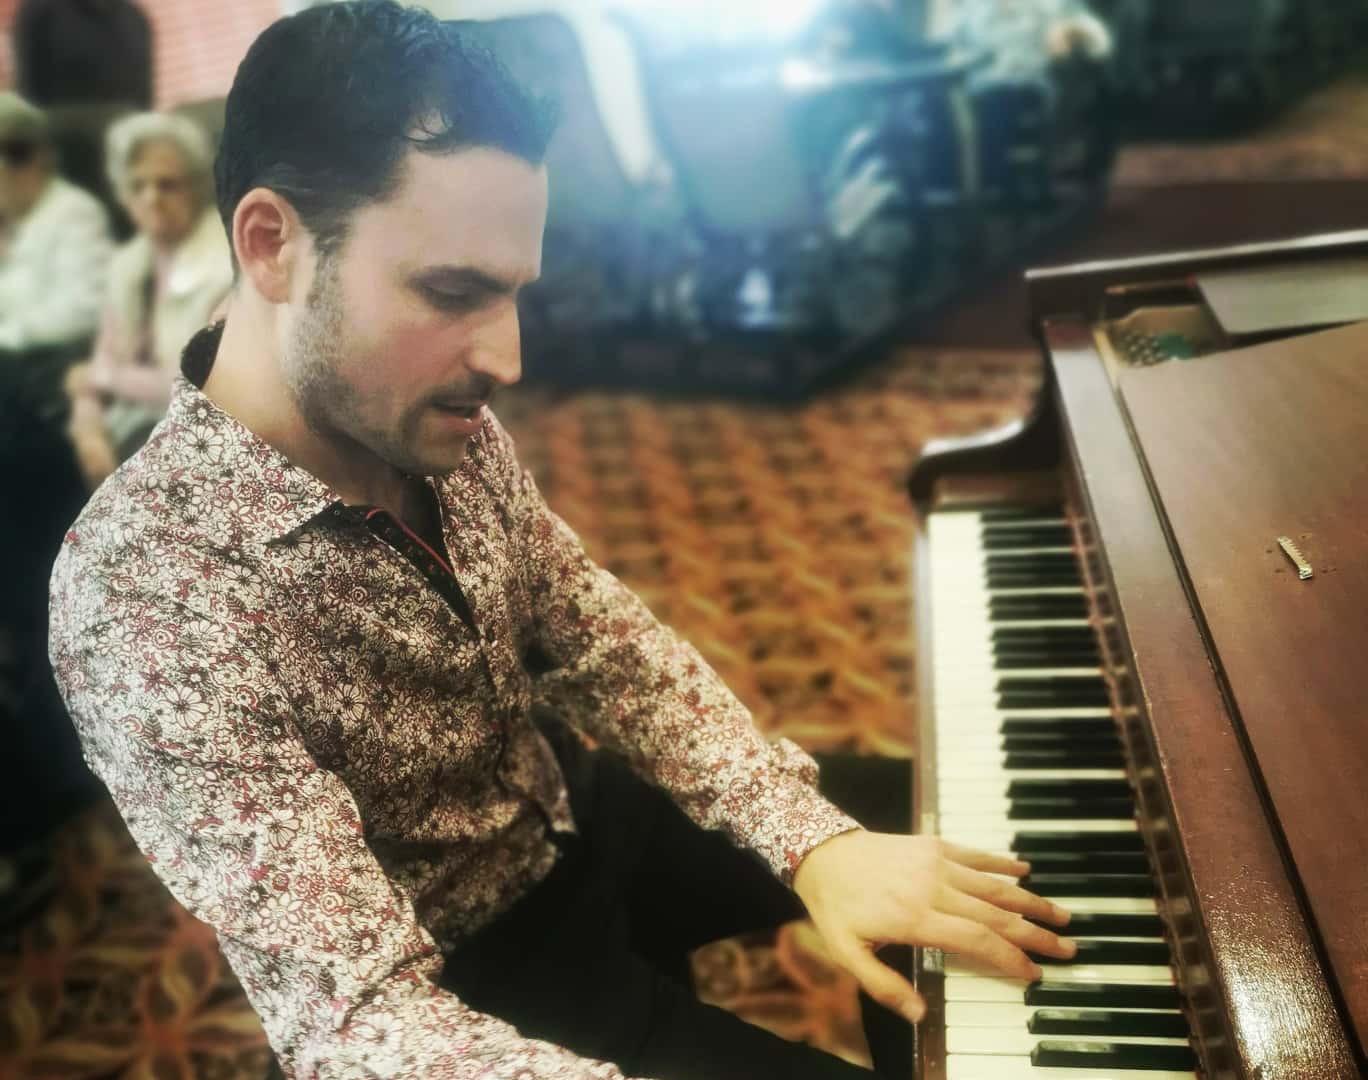 Le pianiste Jean-Philippe Sylvestre